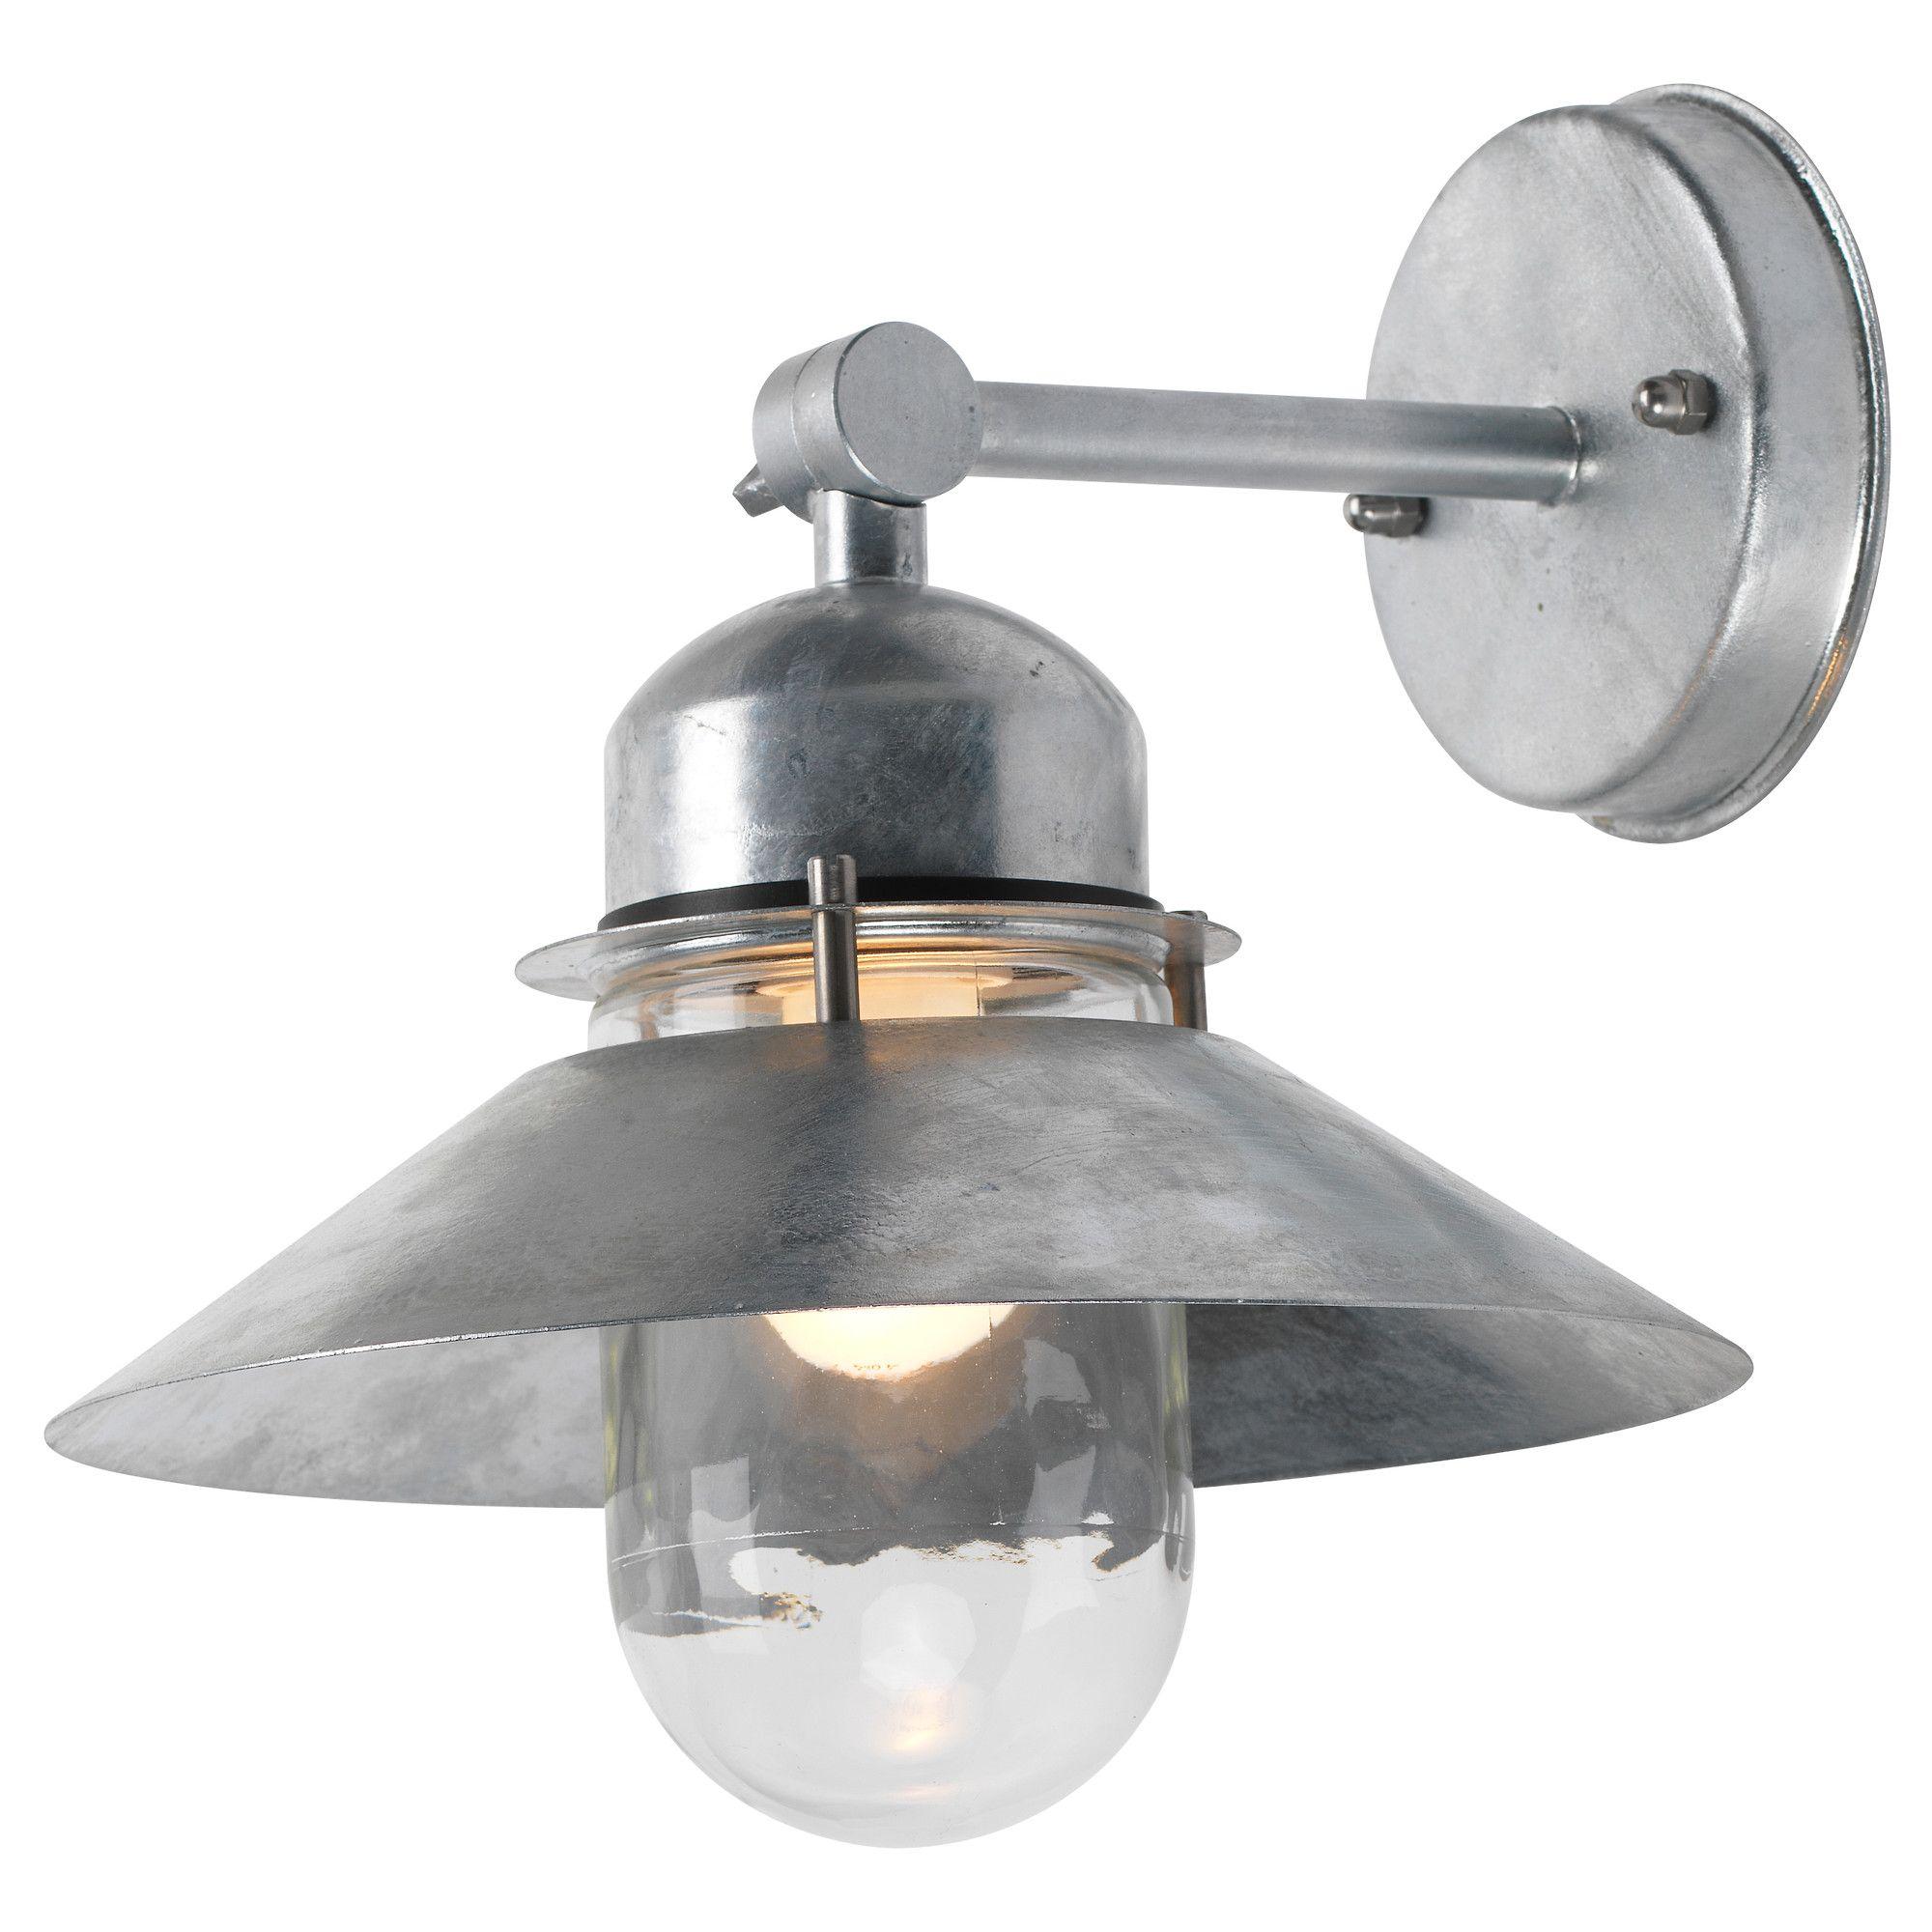 ikea outdoor lamp lamp pinterest buitenverlichting verlichting en tuinhuis. Black Bedroom Furniture Sets. Home Design Ideas